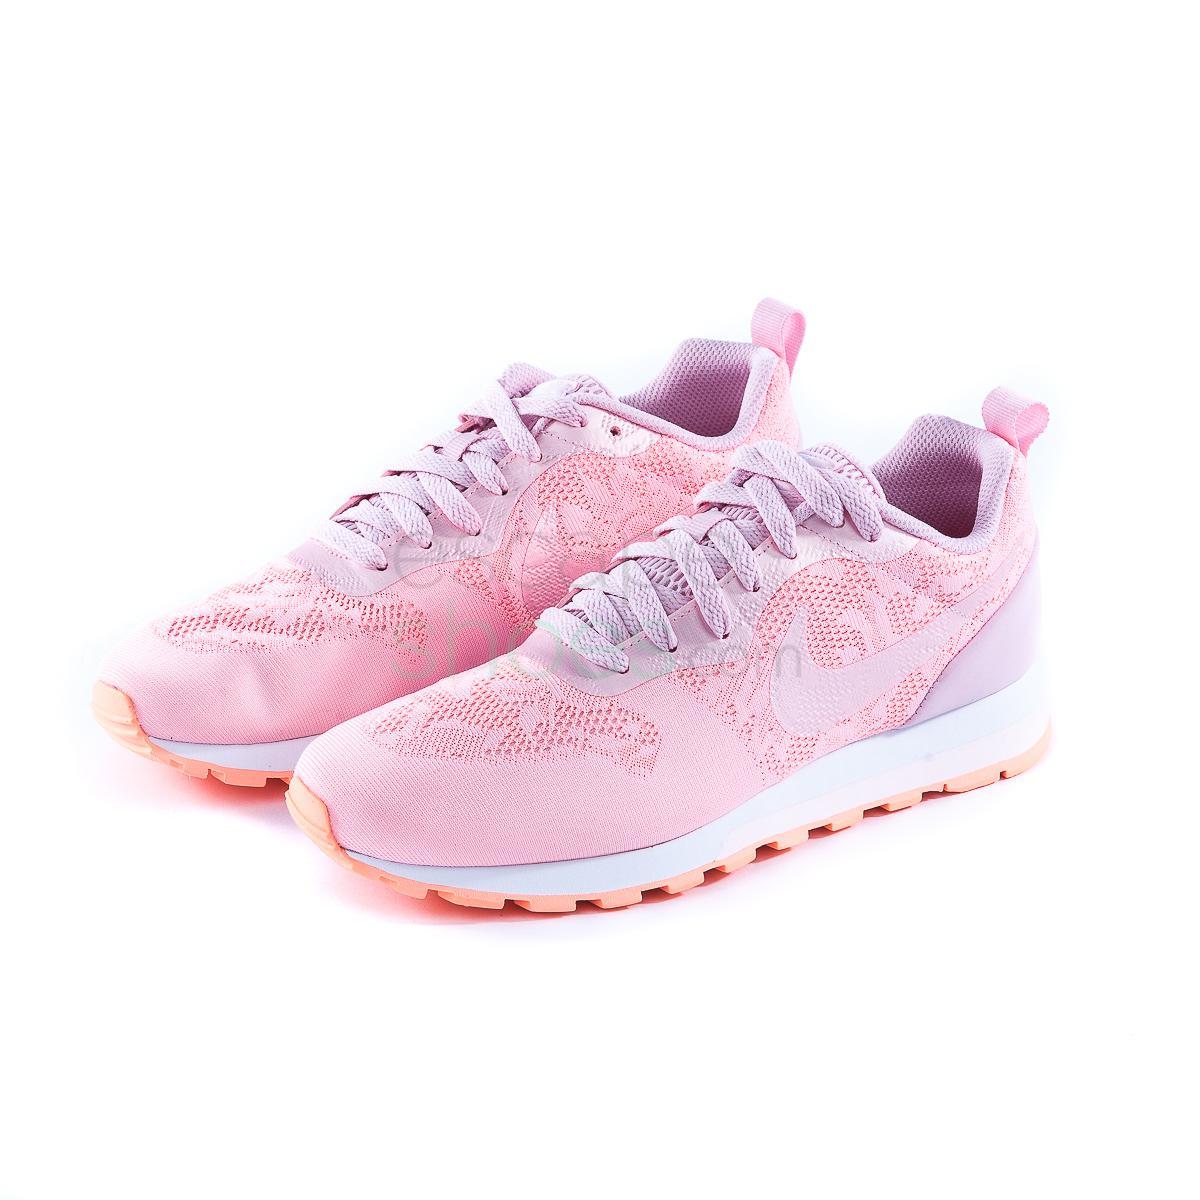 best sneakers a2609 27821 Tenis NIKE MD Runner 2 Prism Pink 902858 600